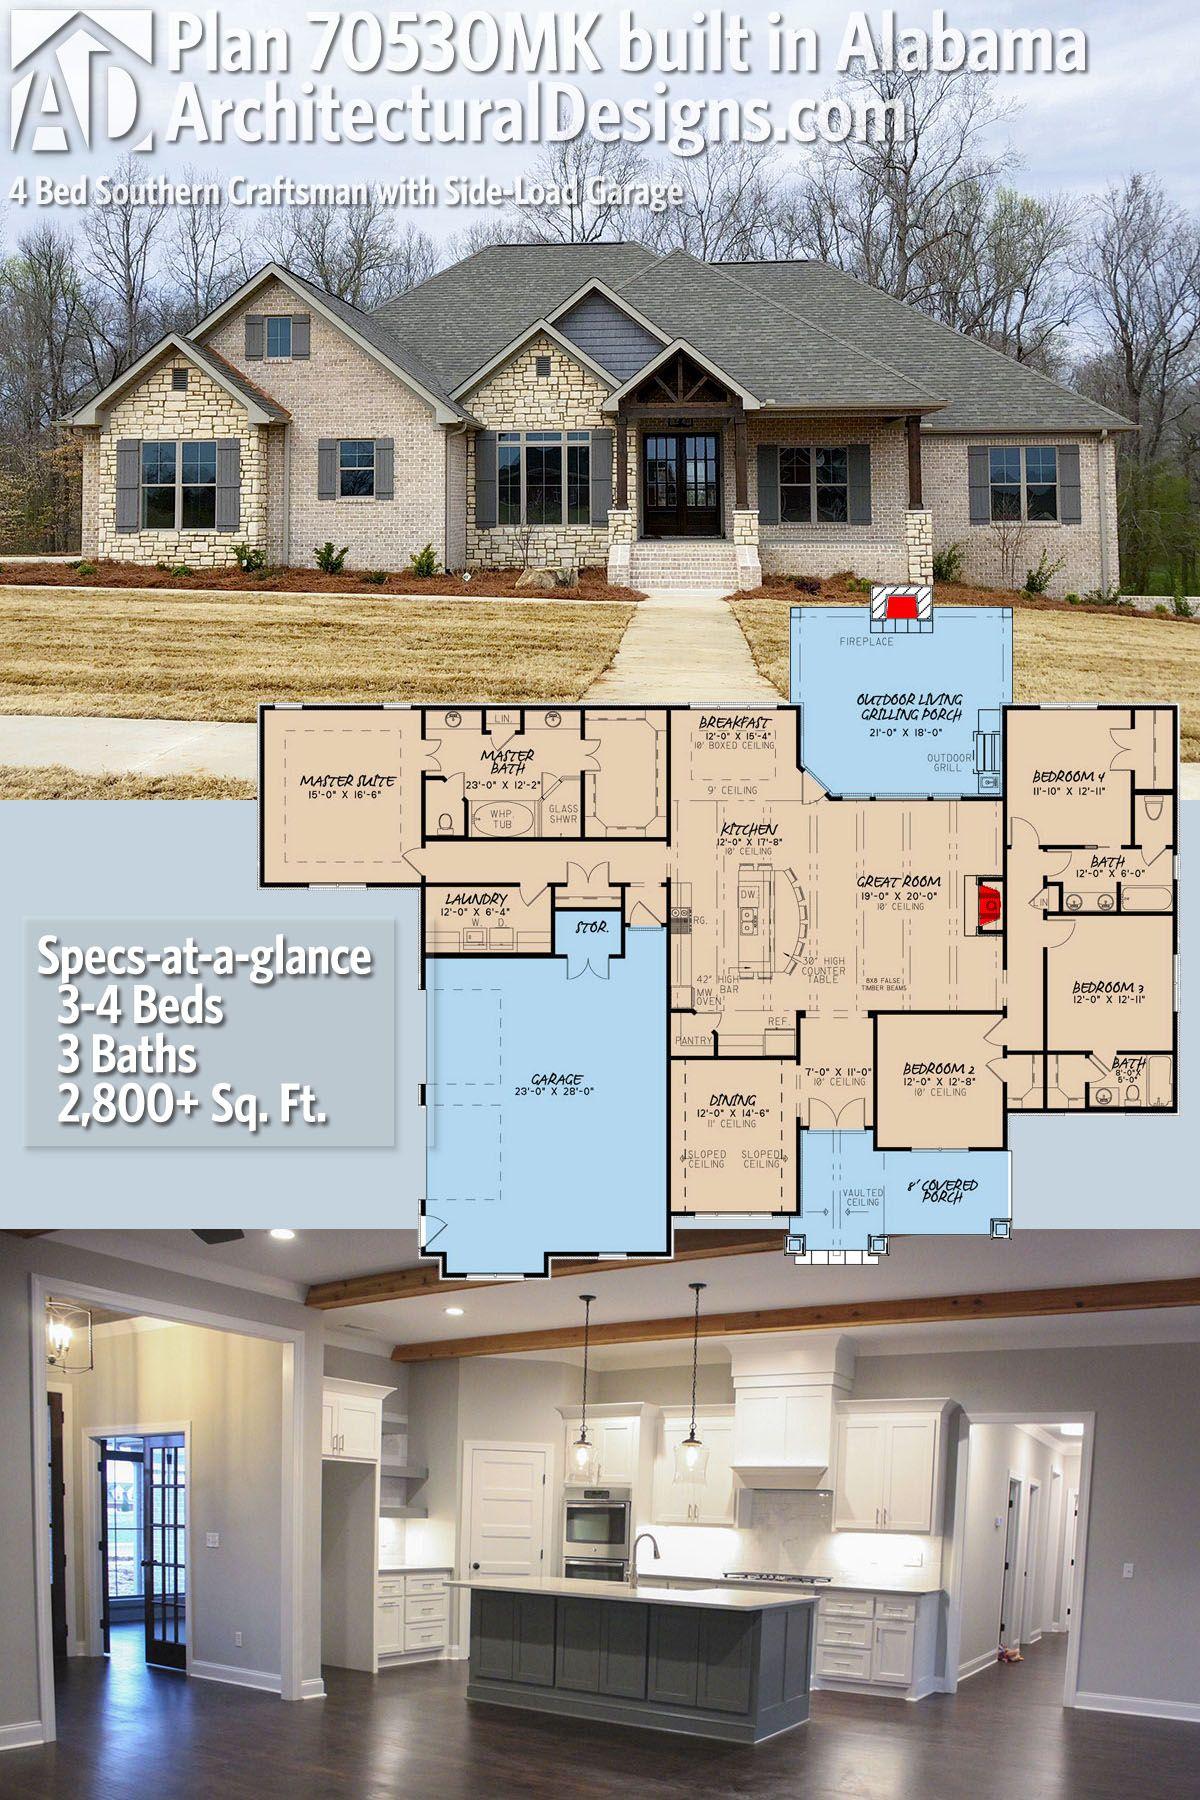 Architectural designs house plan mk beds also craftsman hz br ba rh ar pinterest